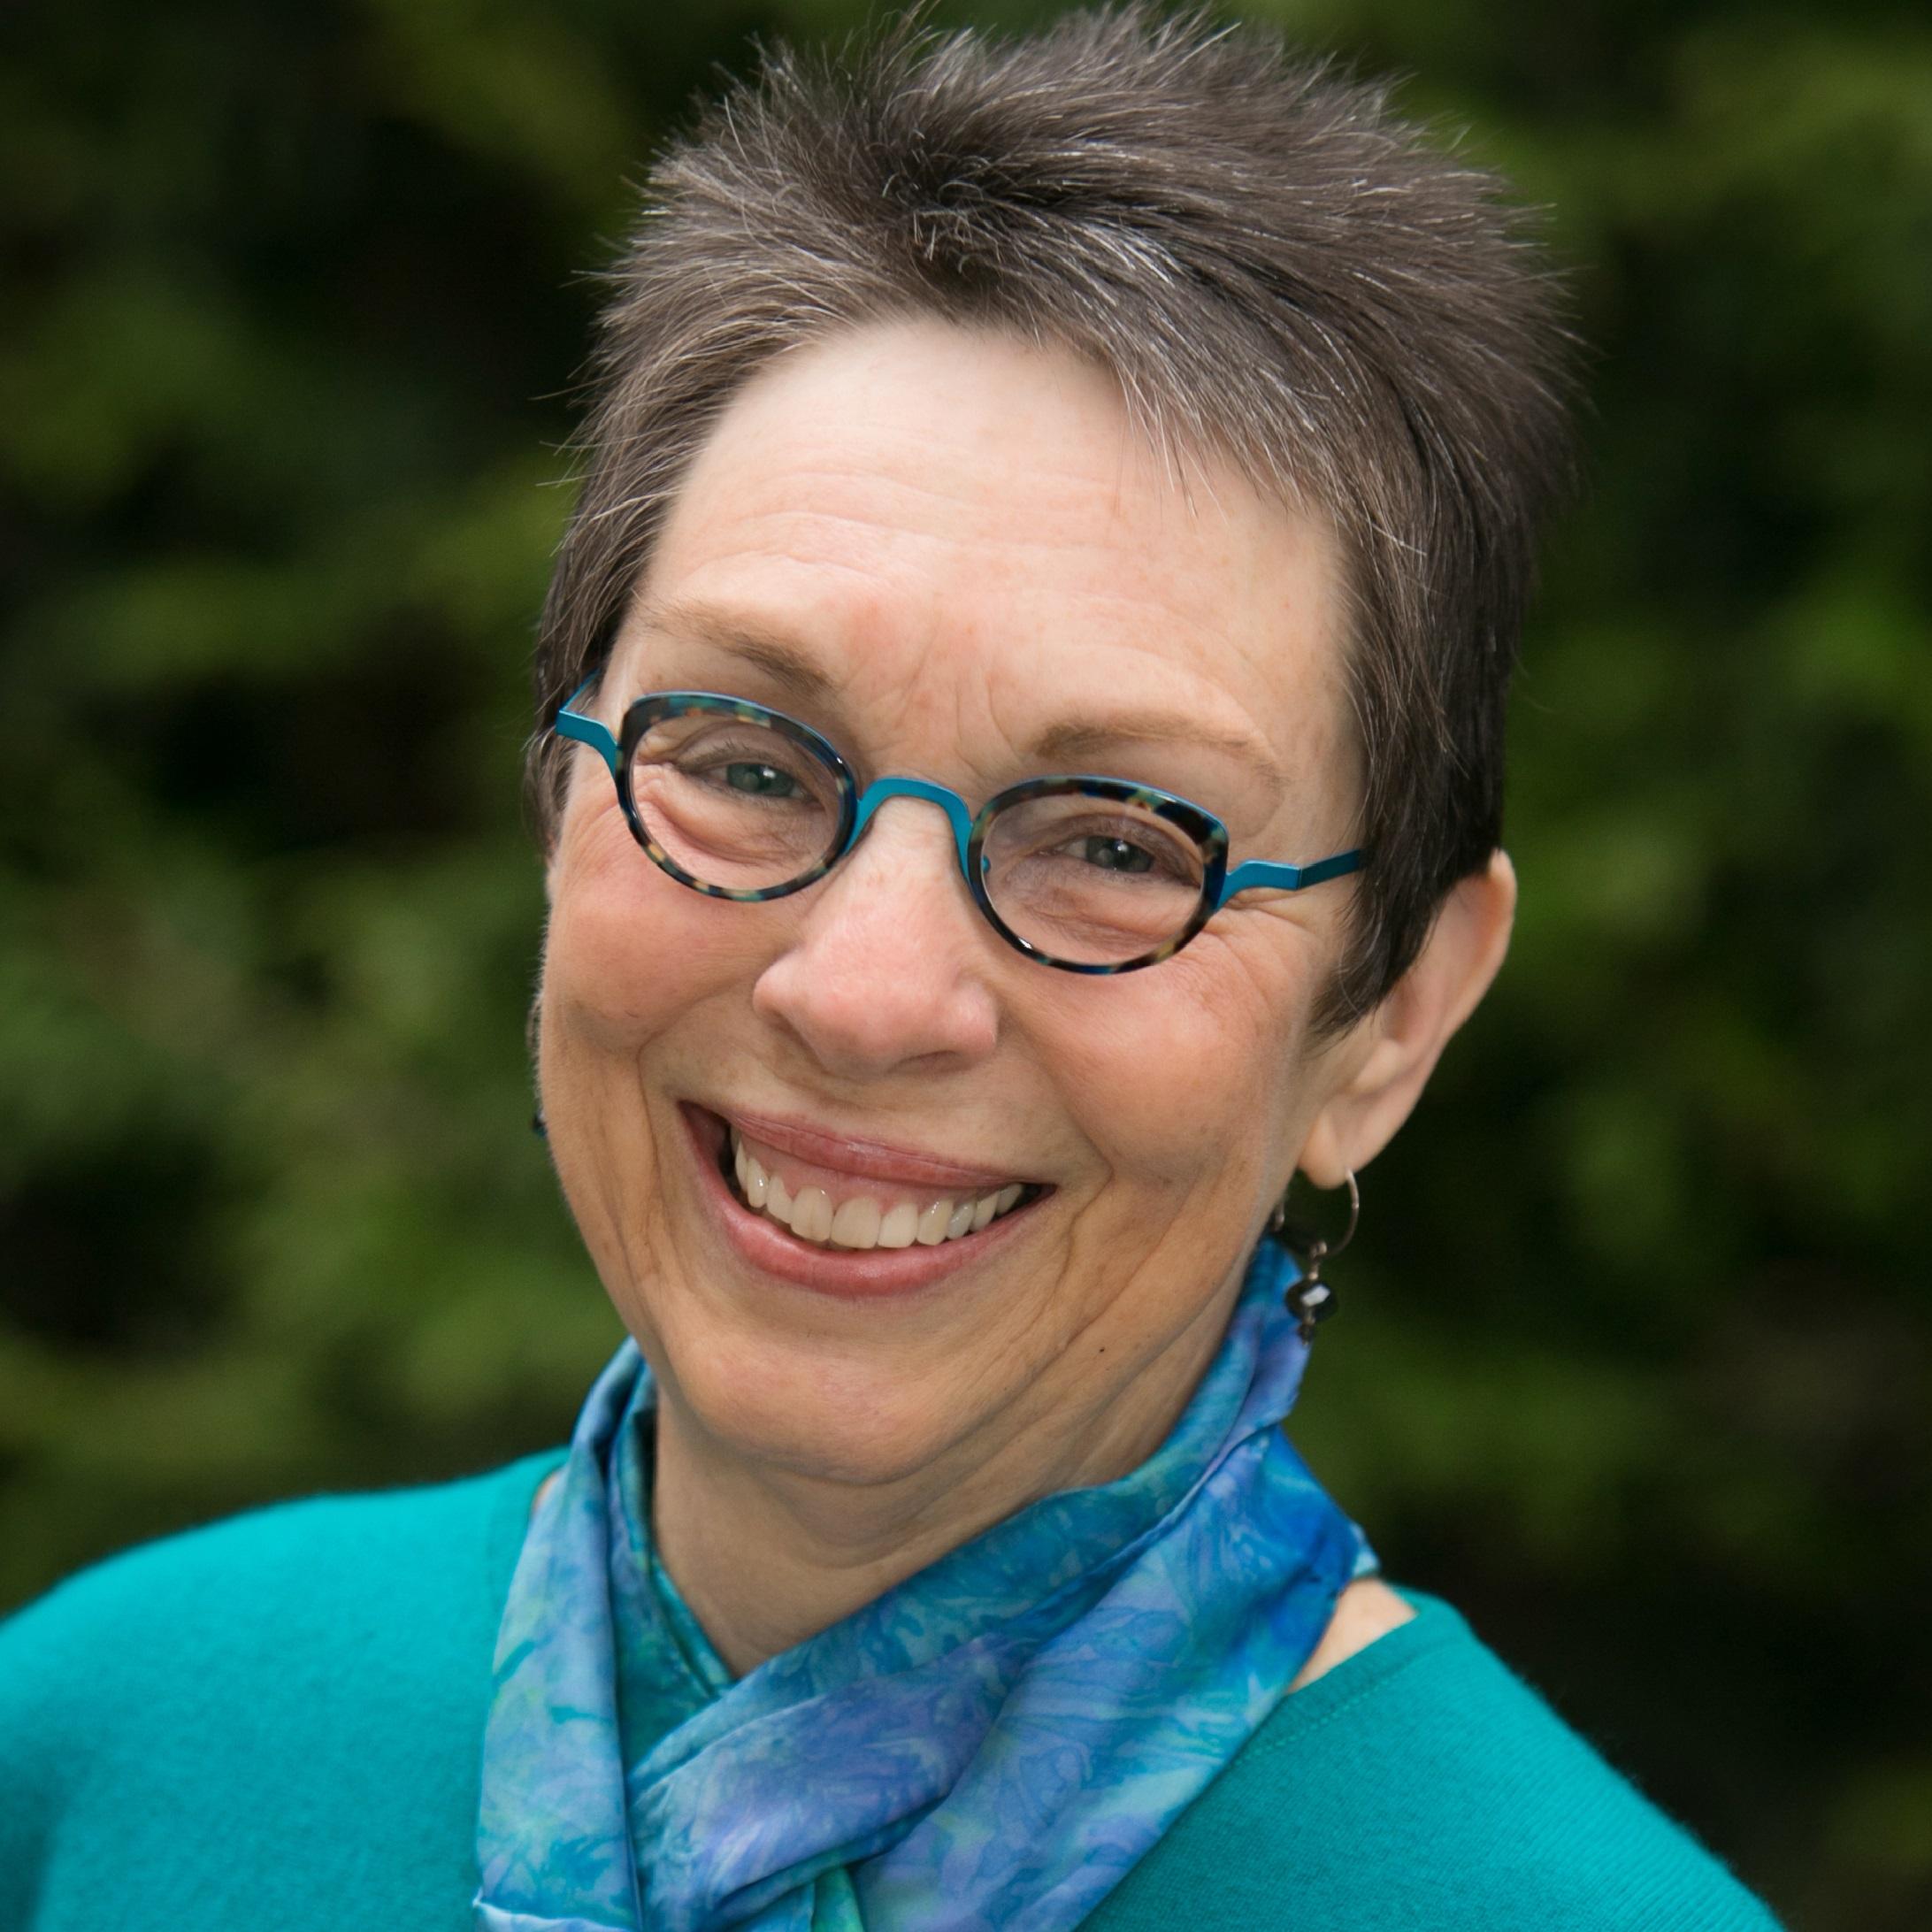 Sharon Eakes